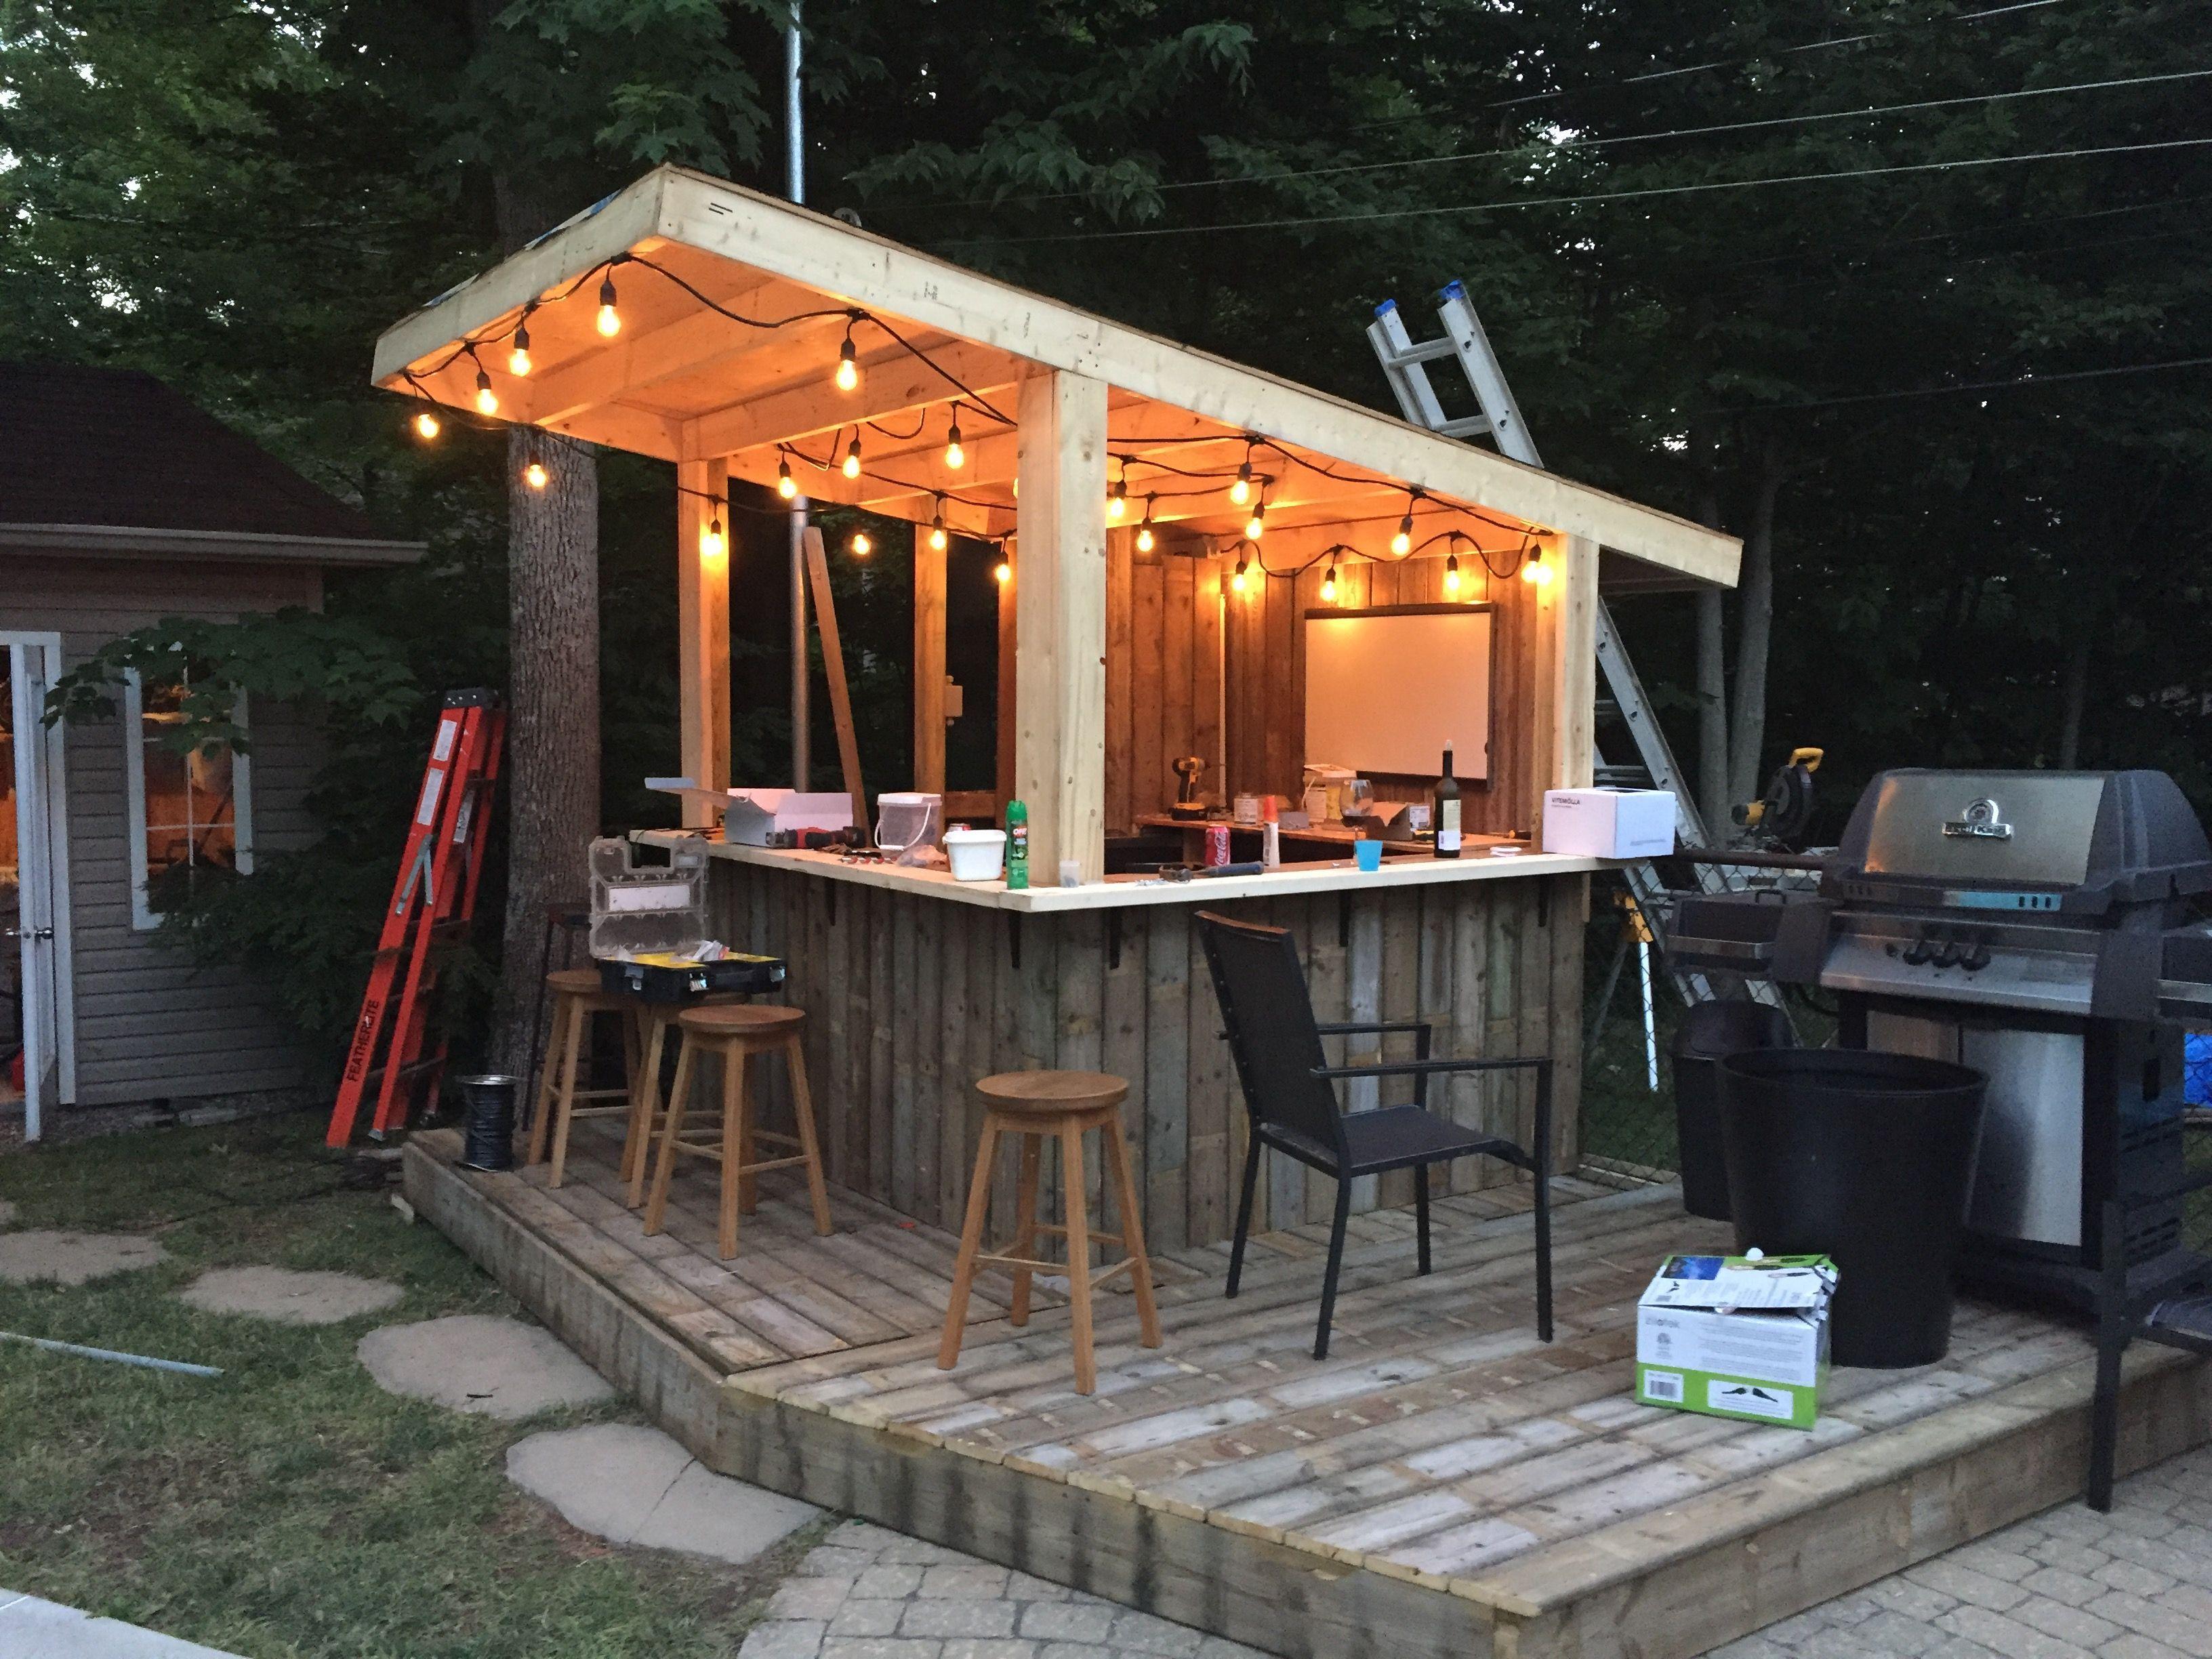 Outdoor Bar Set Up